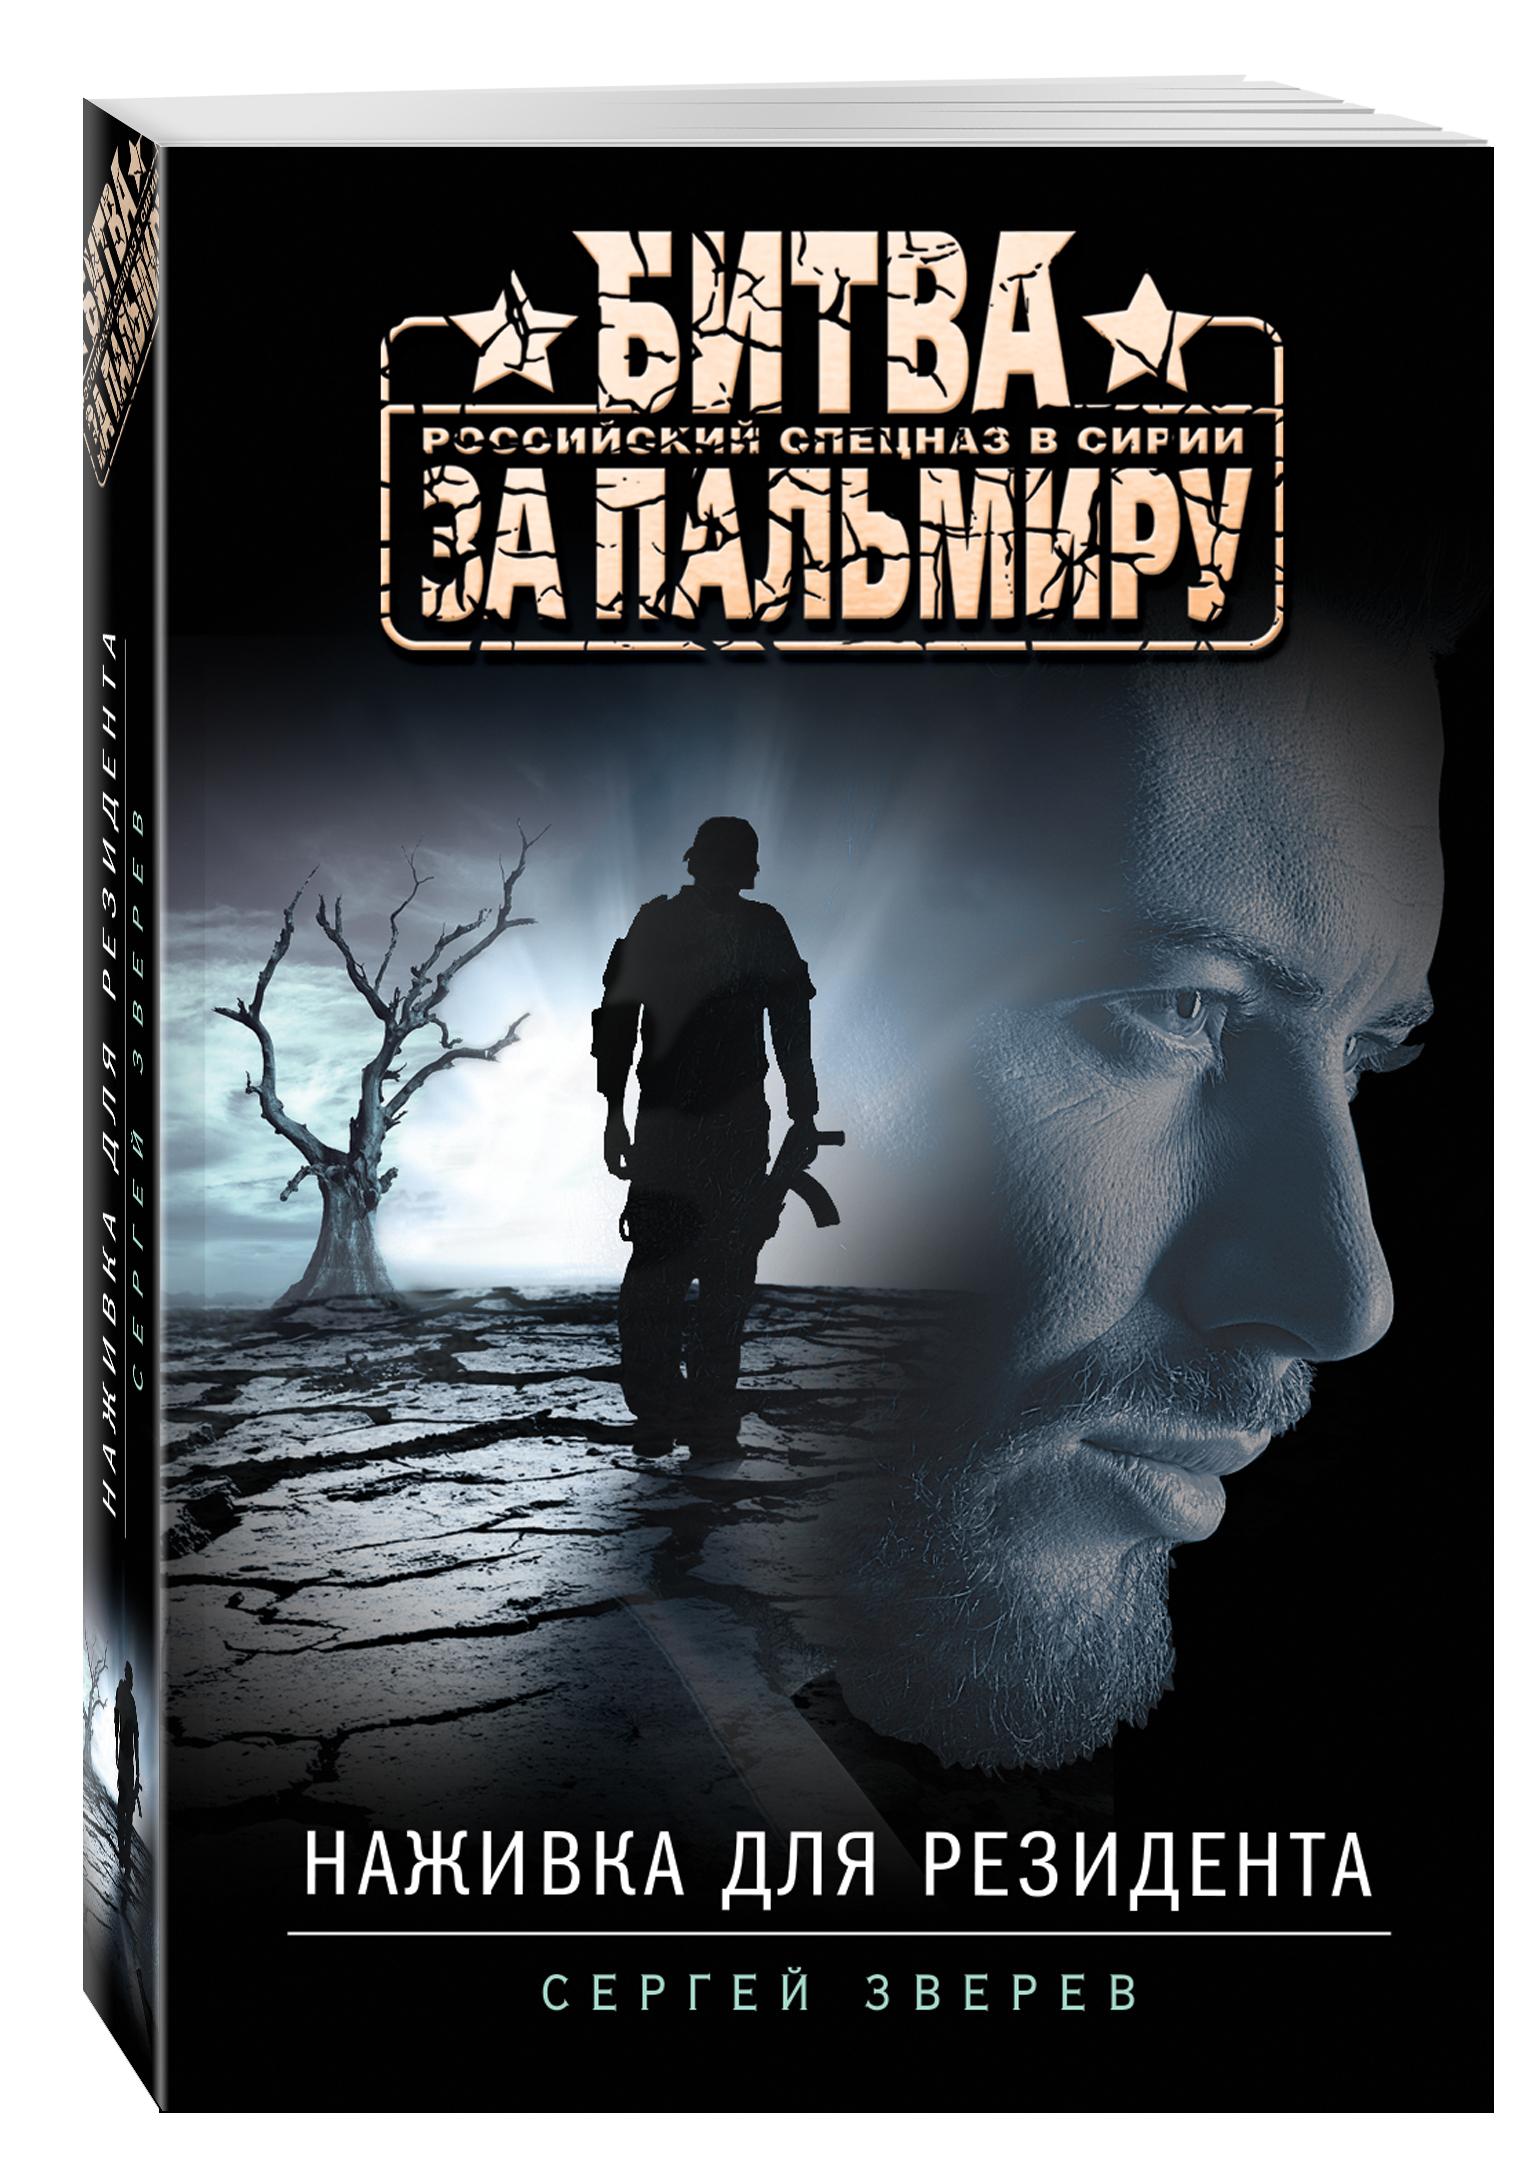 Зверев С.И. Наживка для резидента ISBN: 978-5-699-96097-2